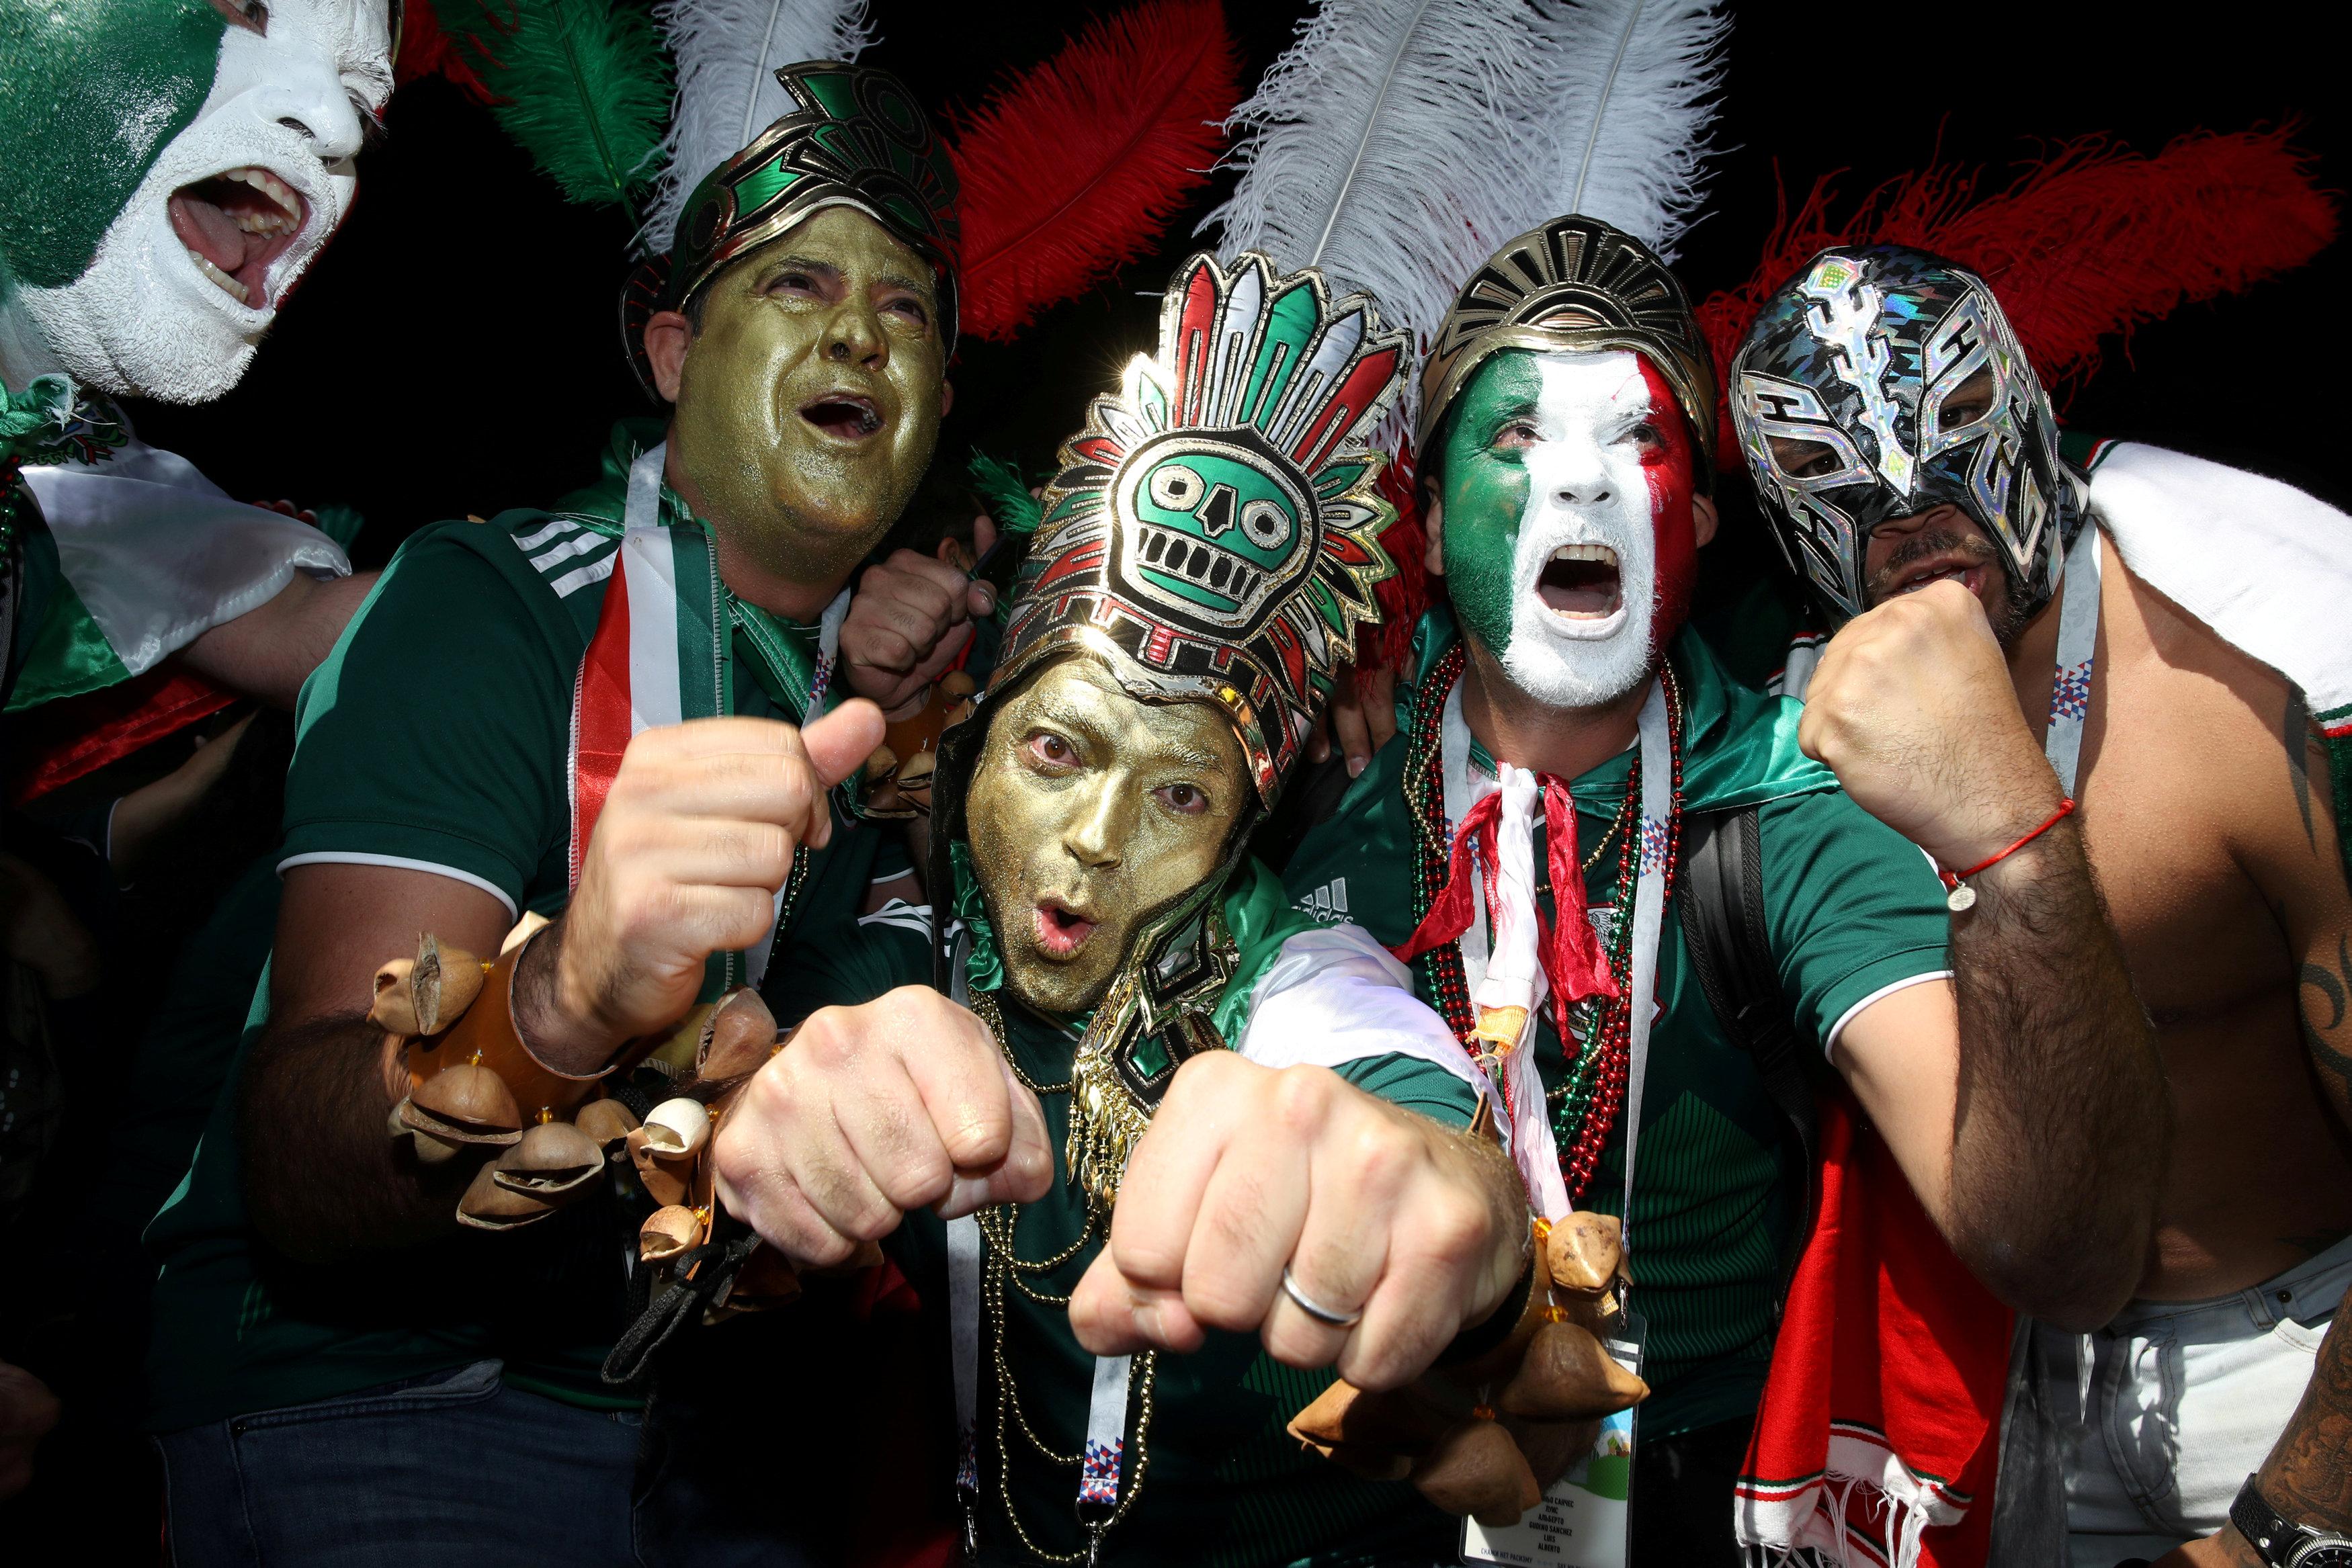 La decisión de FIFA por grito ofensivo no tendrá consecuencias deportivas